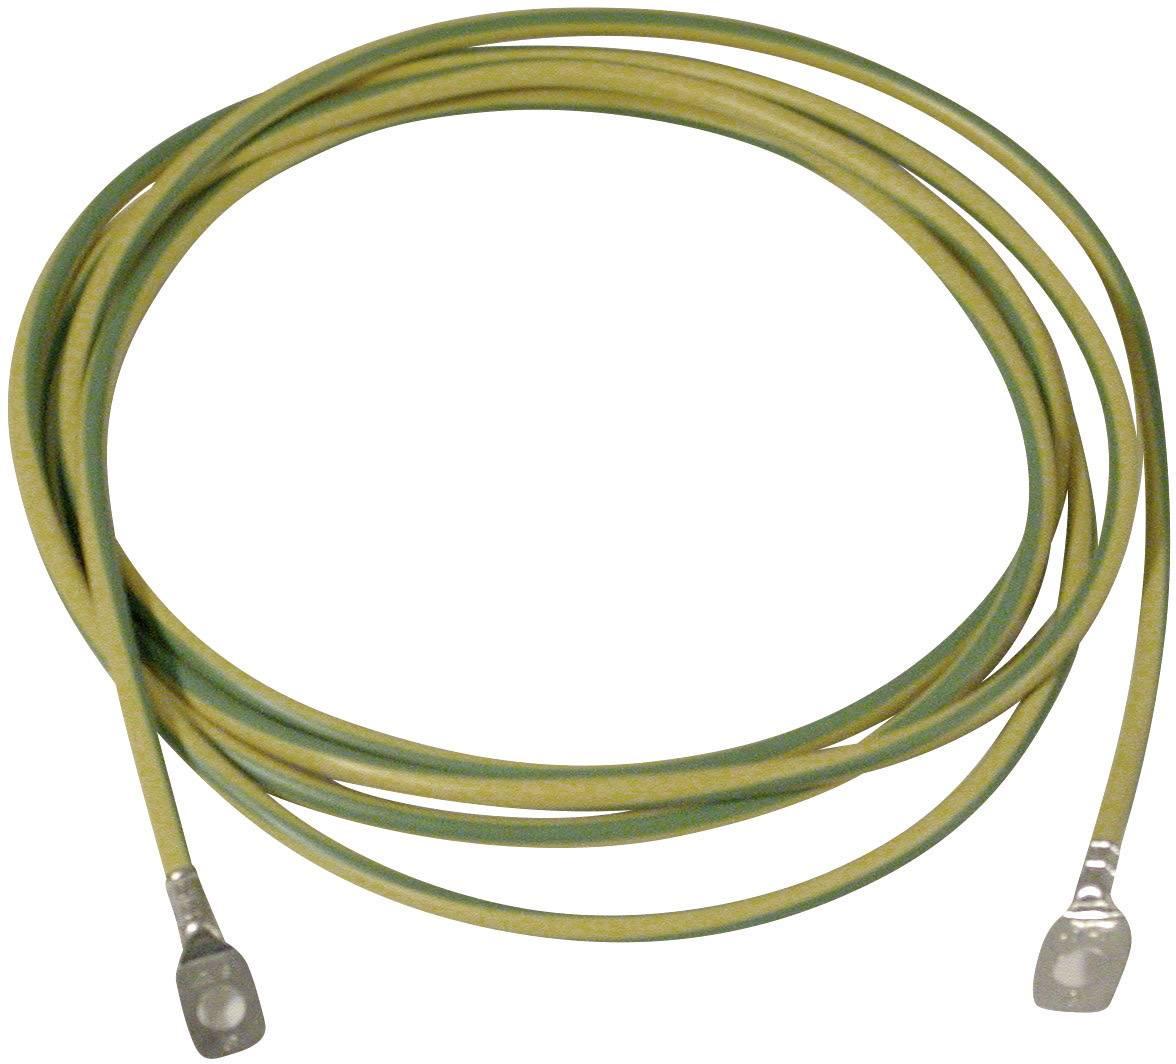 Zemnící kabel PCE Merz, MZ 69227, s koncovkou M8/M10, 3 m